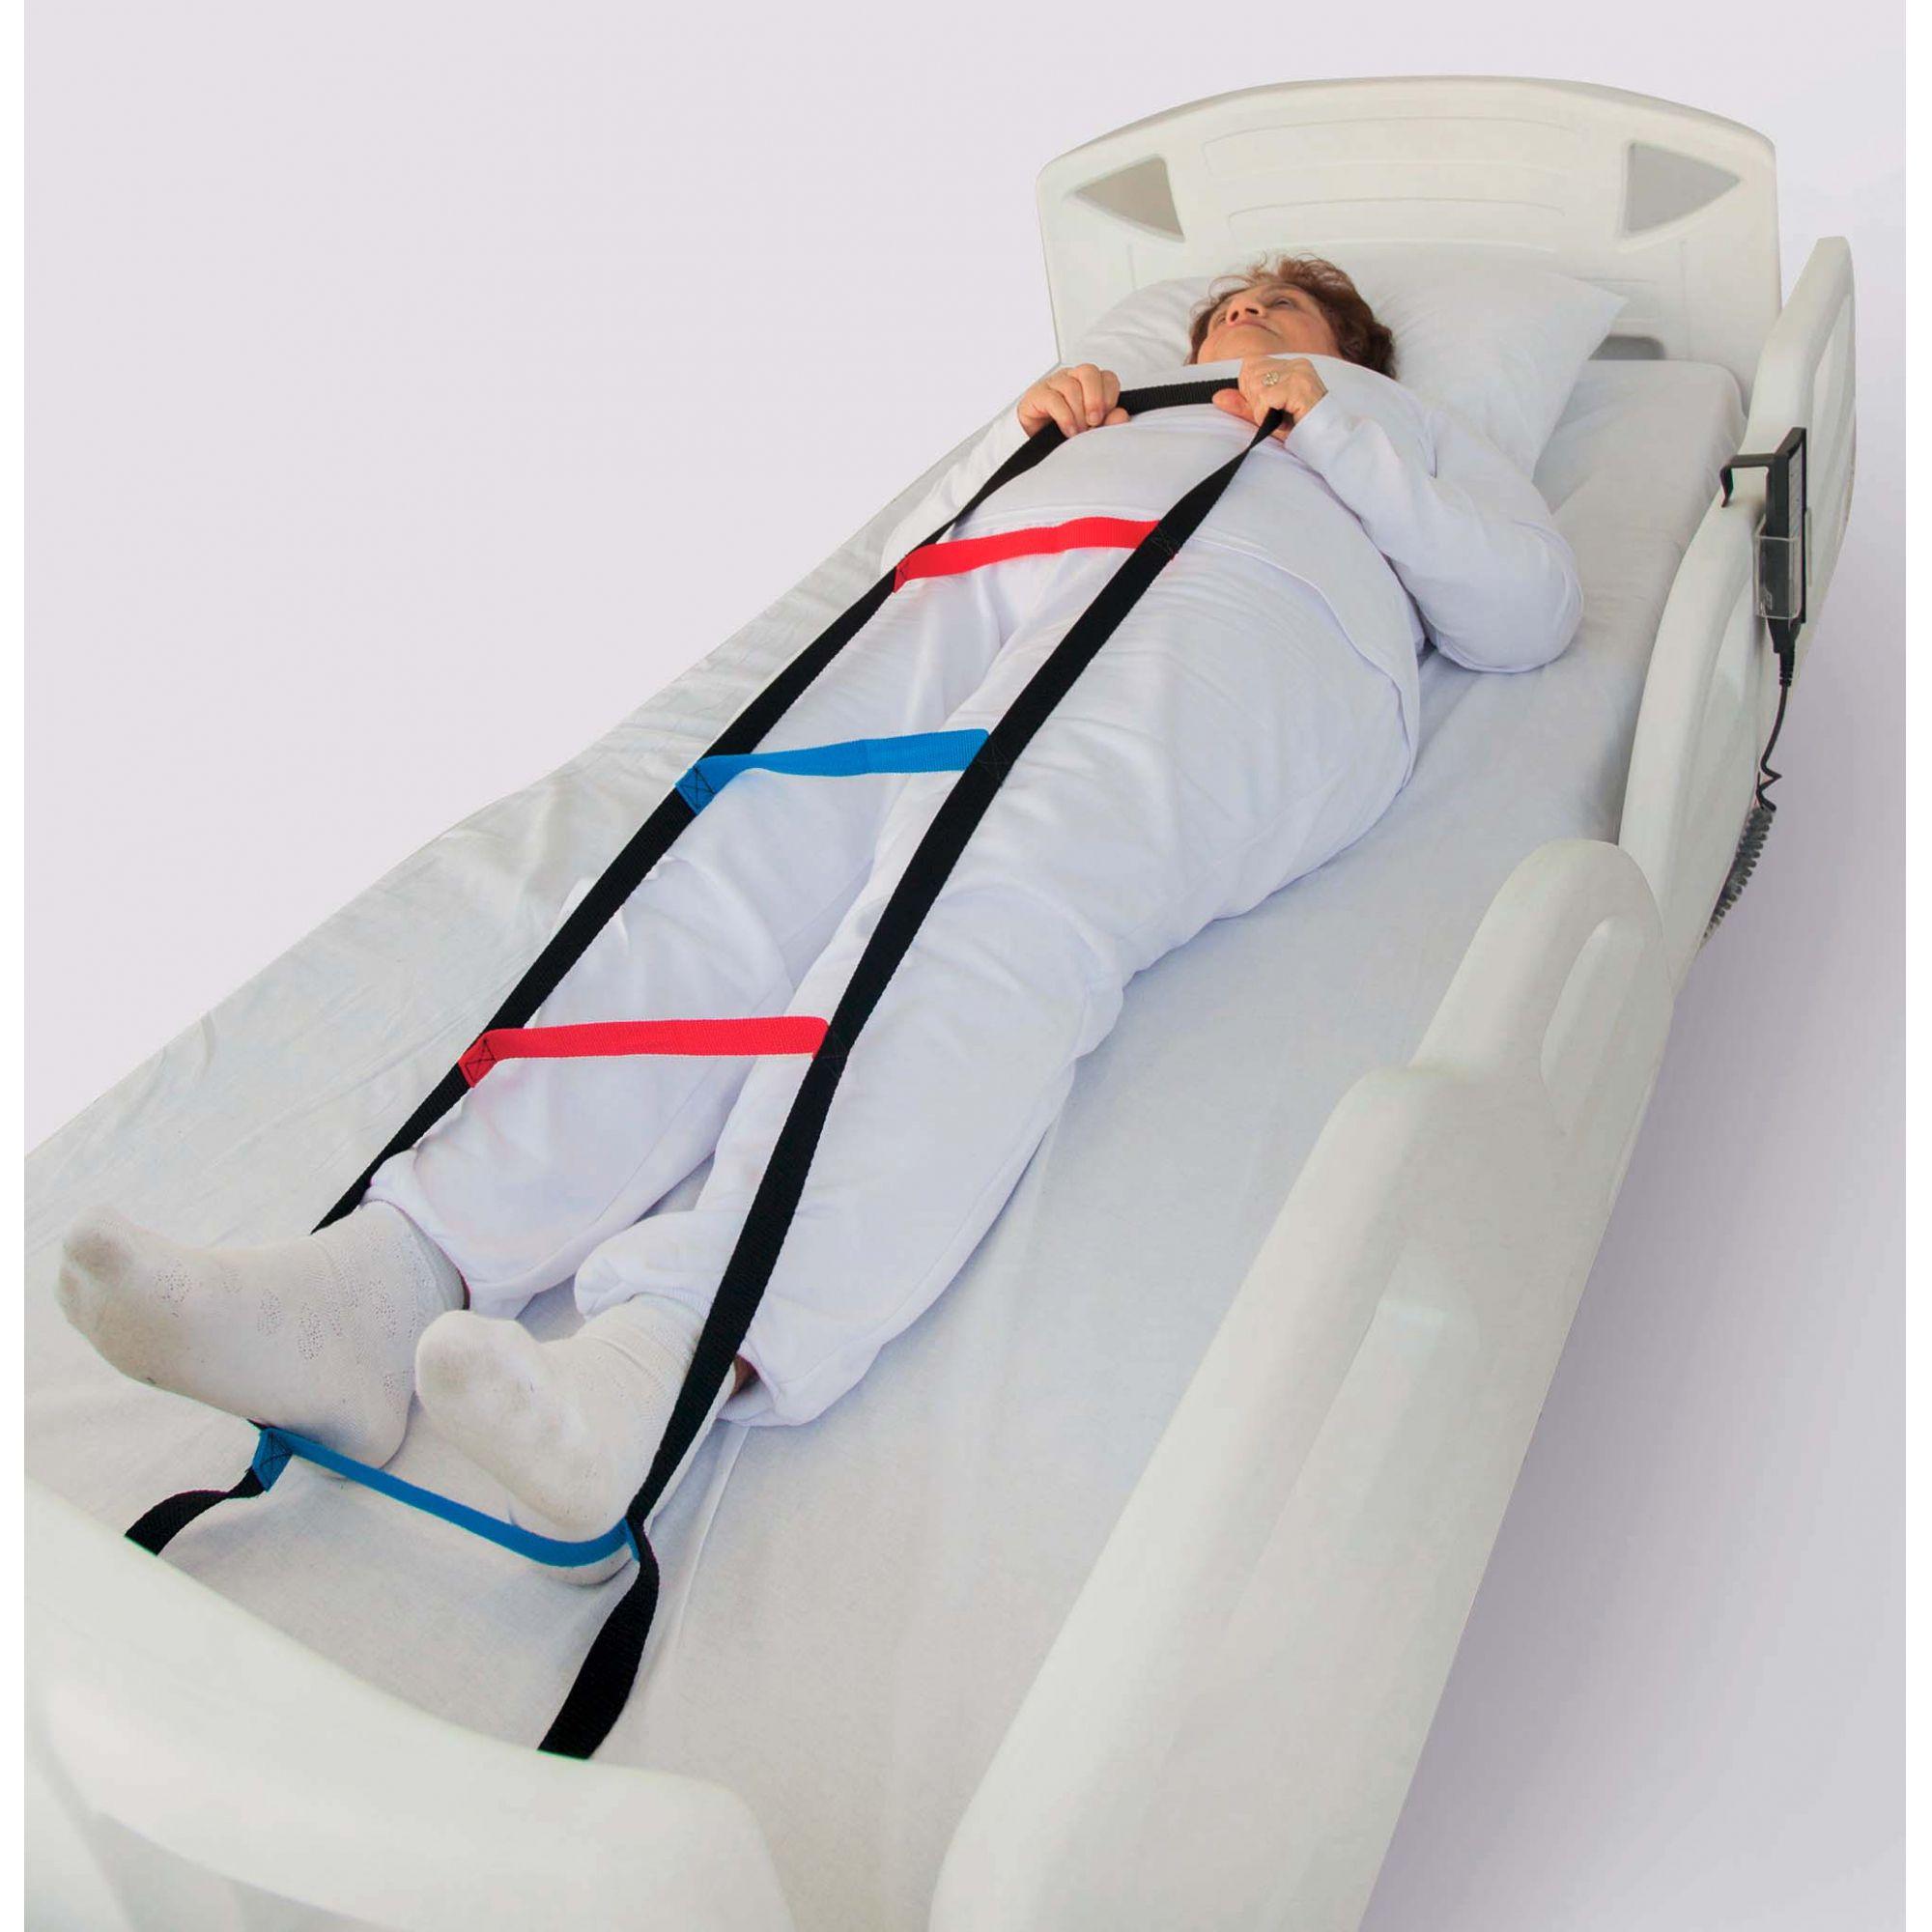 Escada auxiliar  em poliester para  fisioterapia e reposicionamento de pessoas